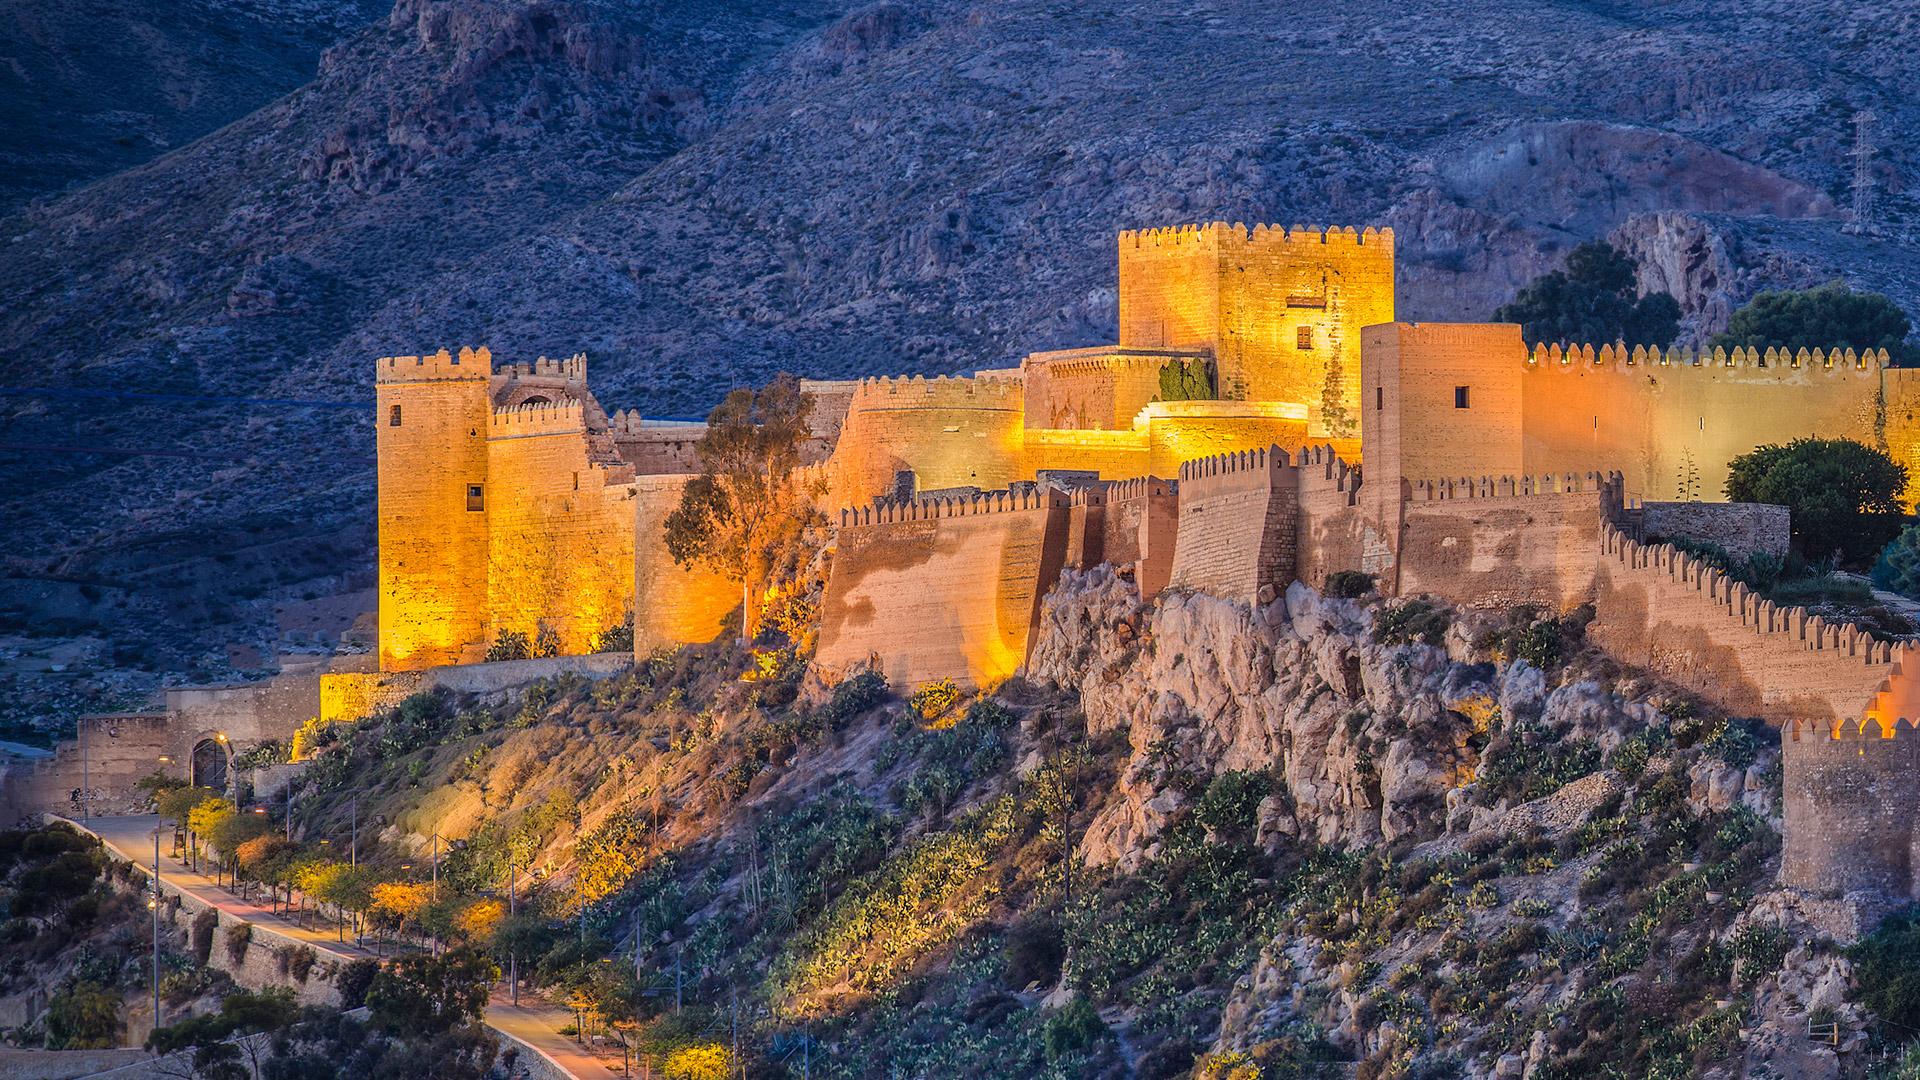 Alcazaba de Almería es un complejo fortificado en Almería, al sur de España que en la serie se transformó en Sunspear, capital de Dorne